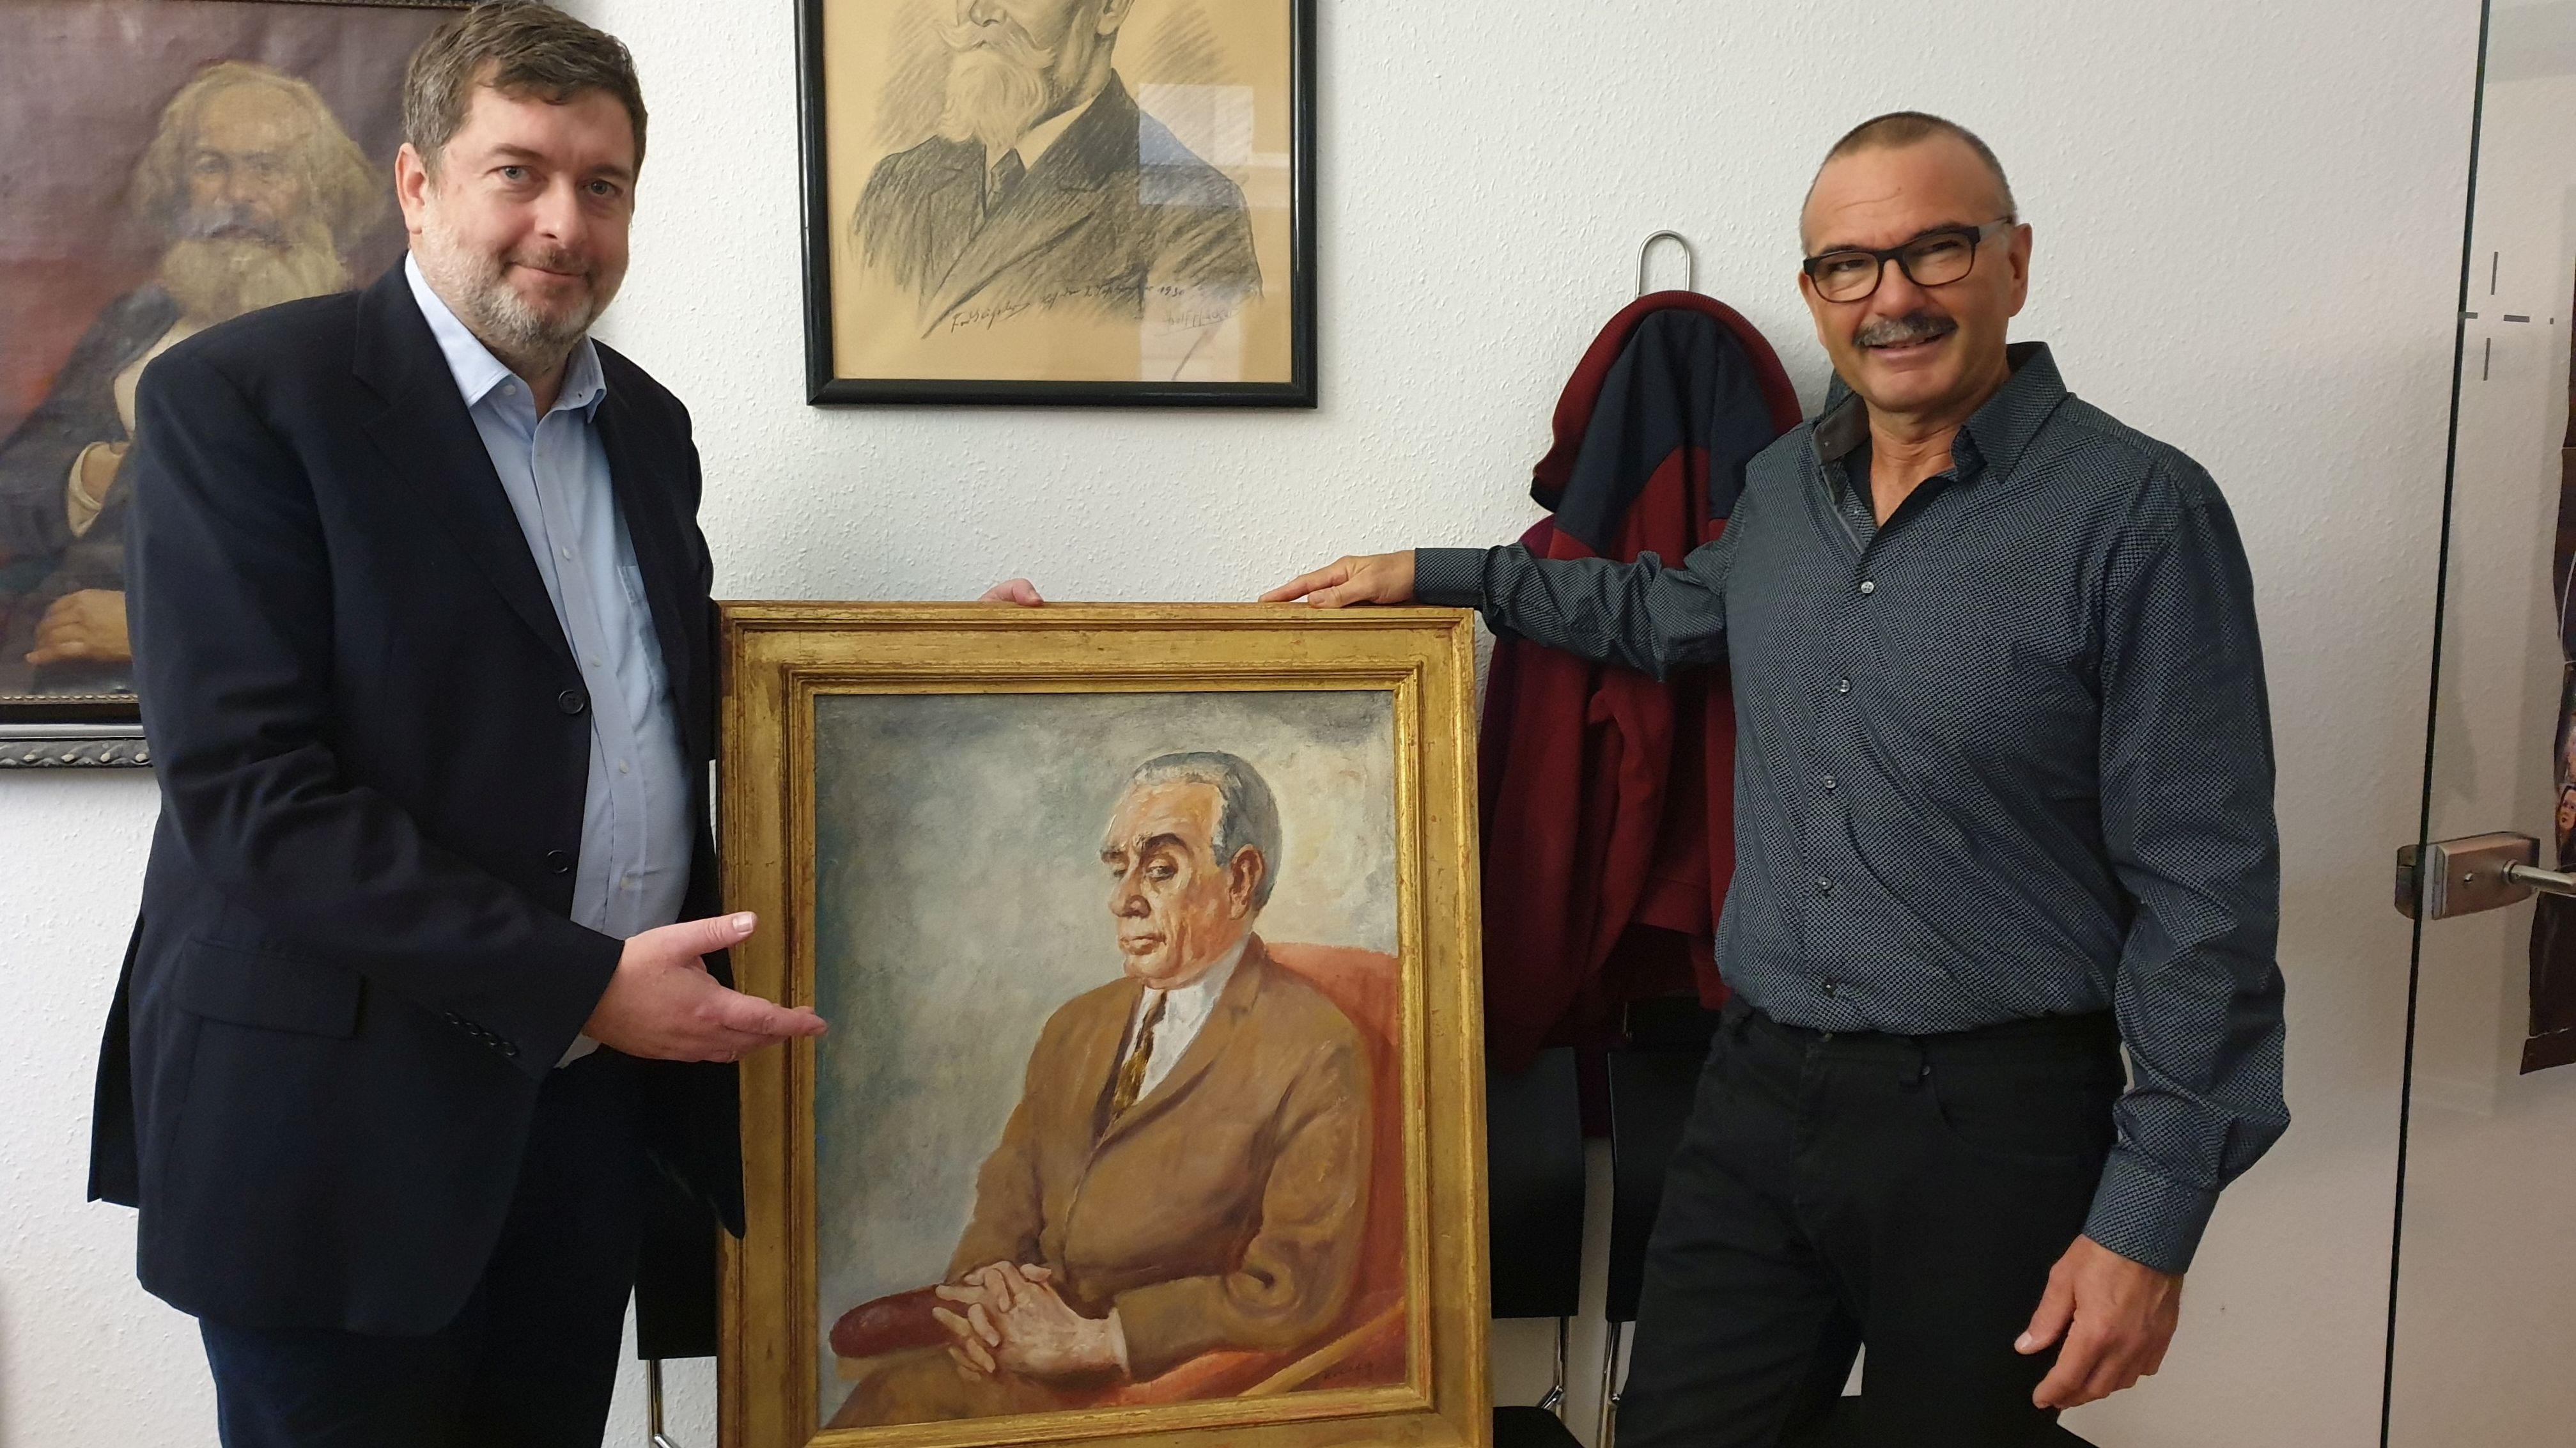 Zwei Männer präsentieren ein Bild das einen Mann im anzug zeigt der auf einem Sessel sitzt.